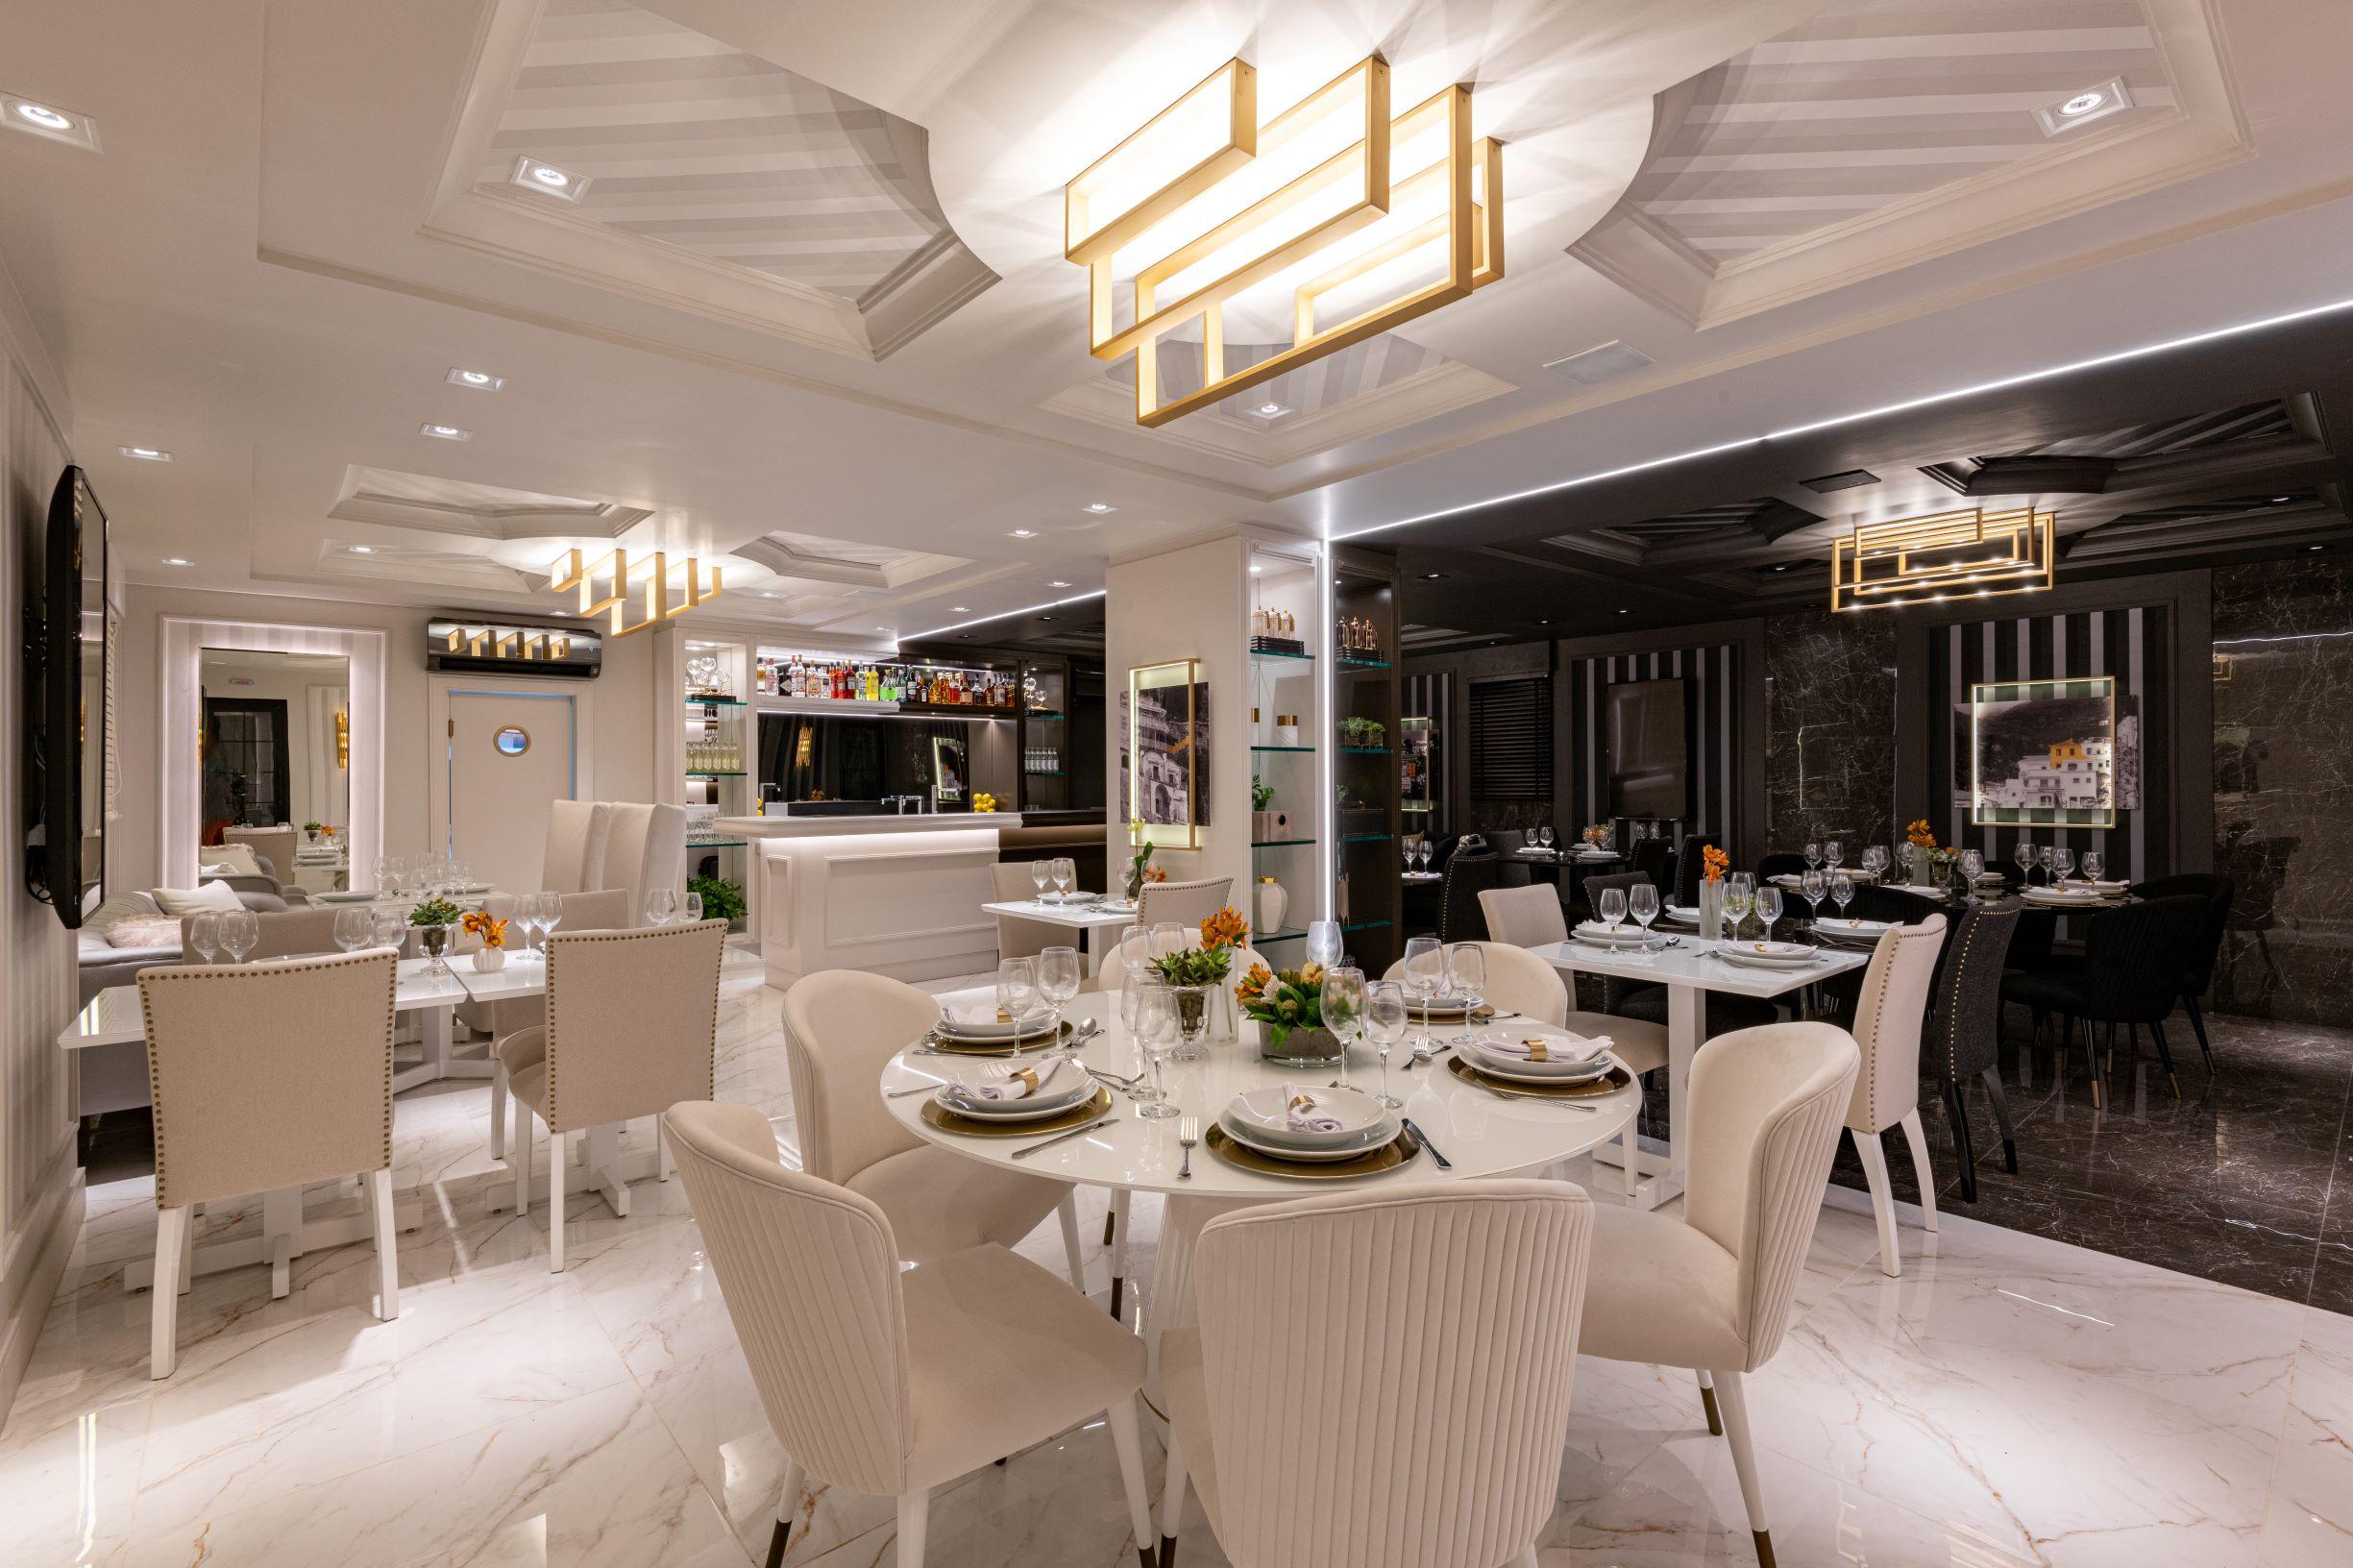 """Restaurante Limone, CASACOR São Paulo 2019, Habitat Projetos Inteligentes. Restaurante com conceito de dualidade. """"Lado dia"""", porcelanato que imita mármore branco, cadeiras clássicas brancas, mesas de mármore branco e teto de gesso."""